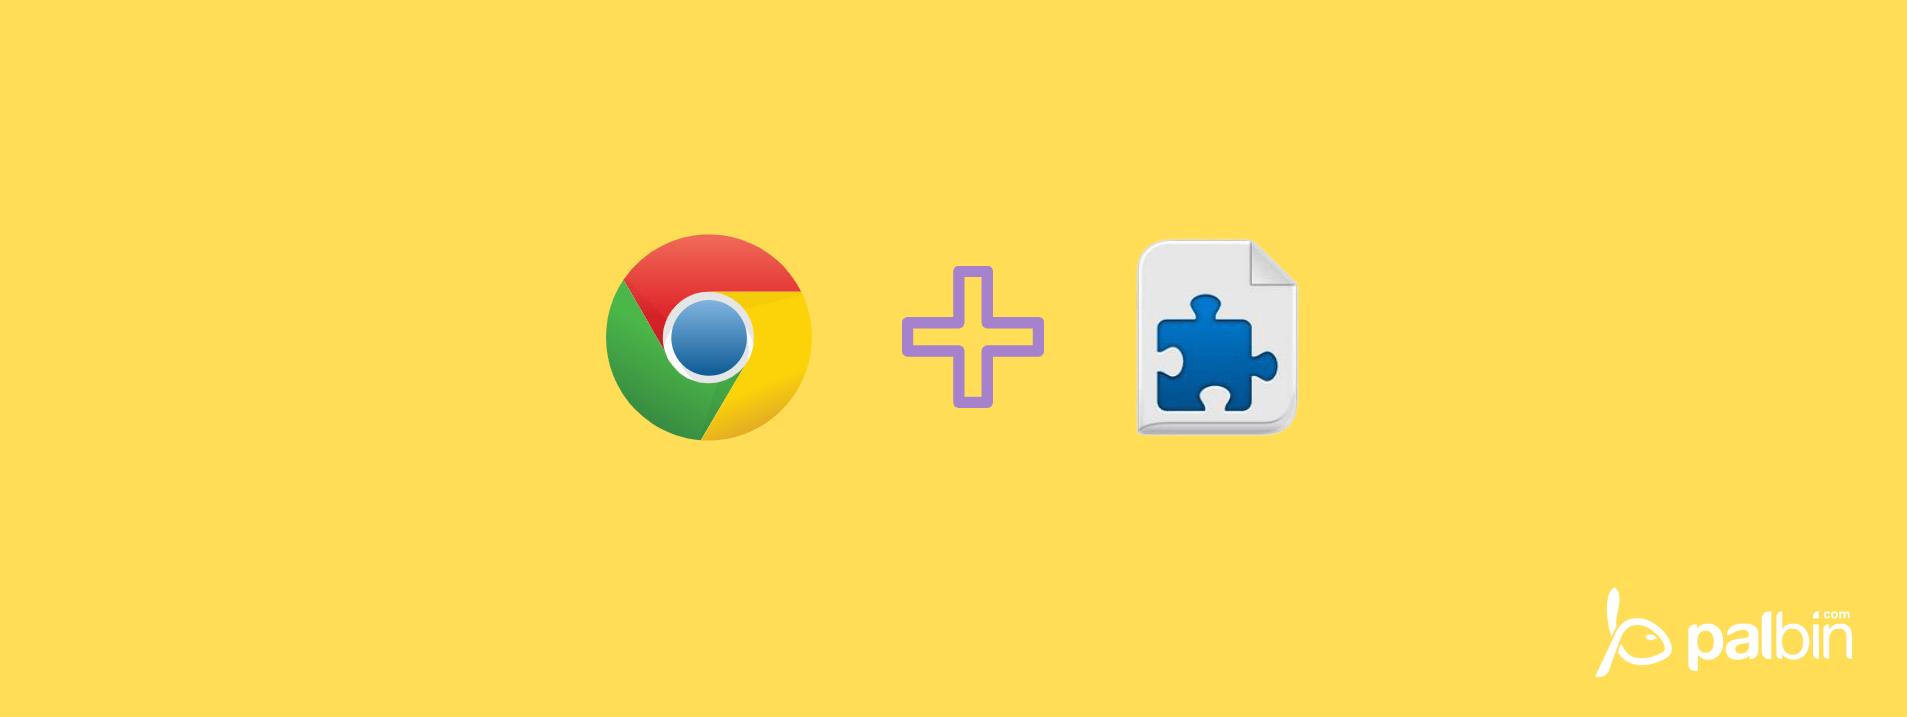 Las mejores extensiones de Chrome para tu tienda online